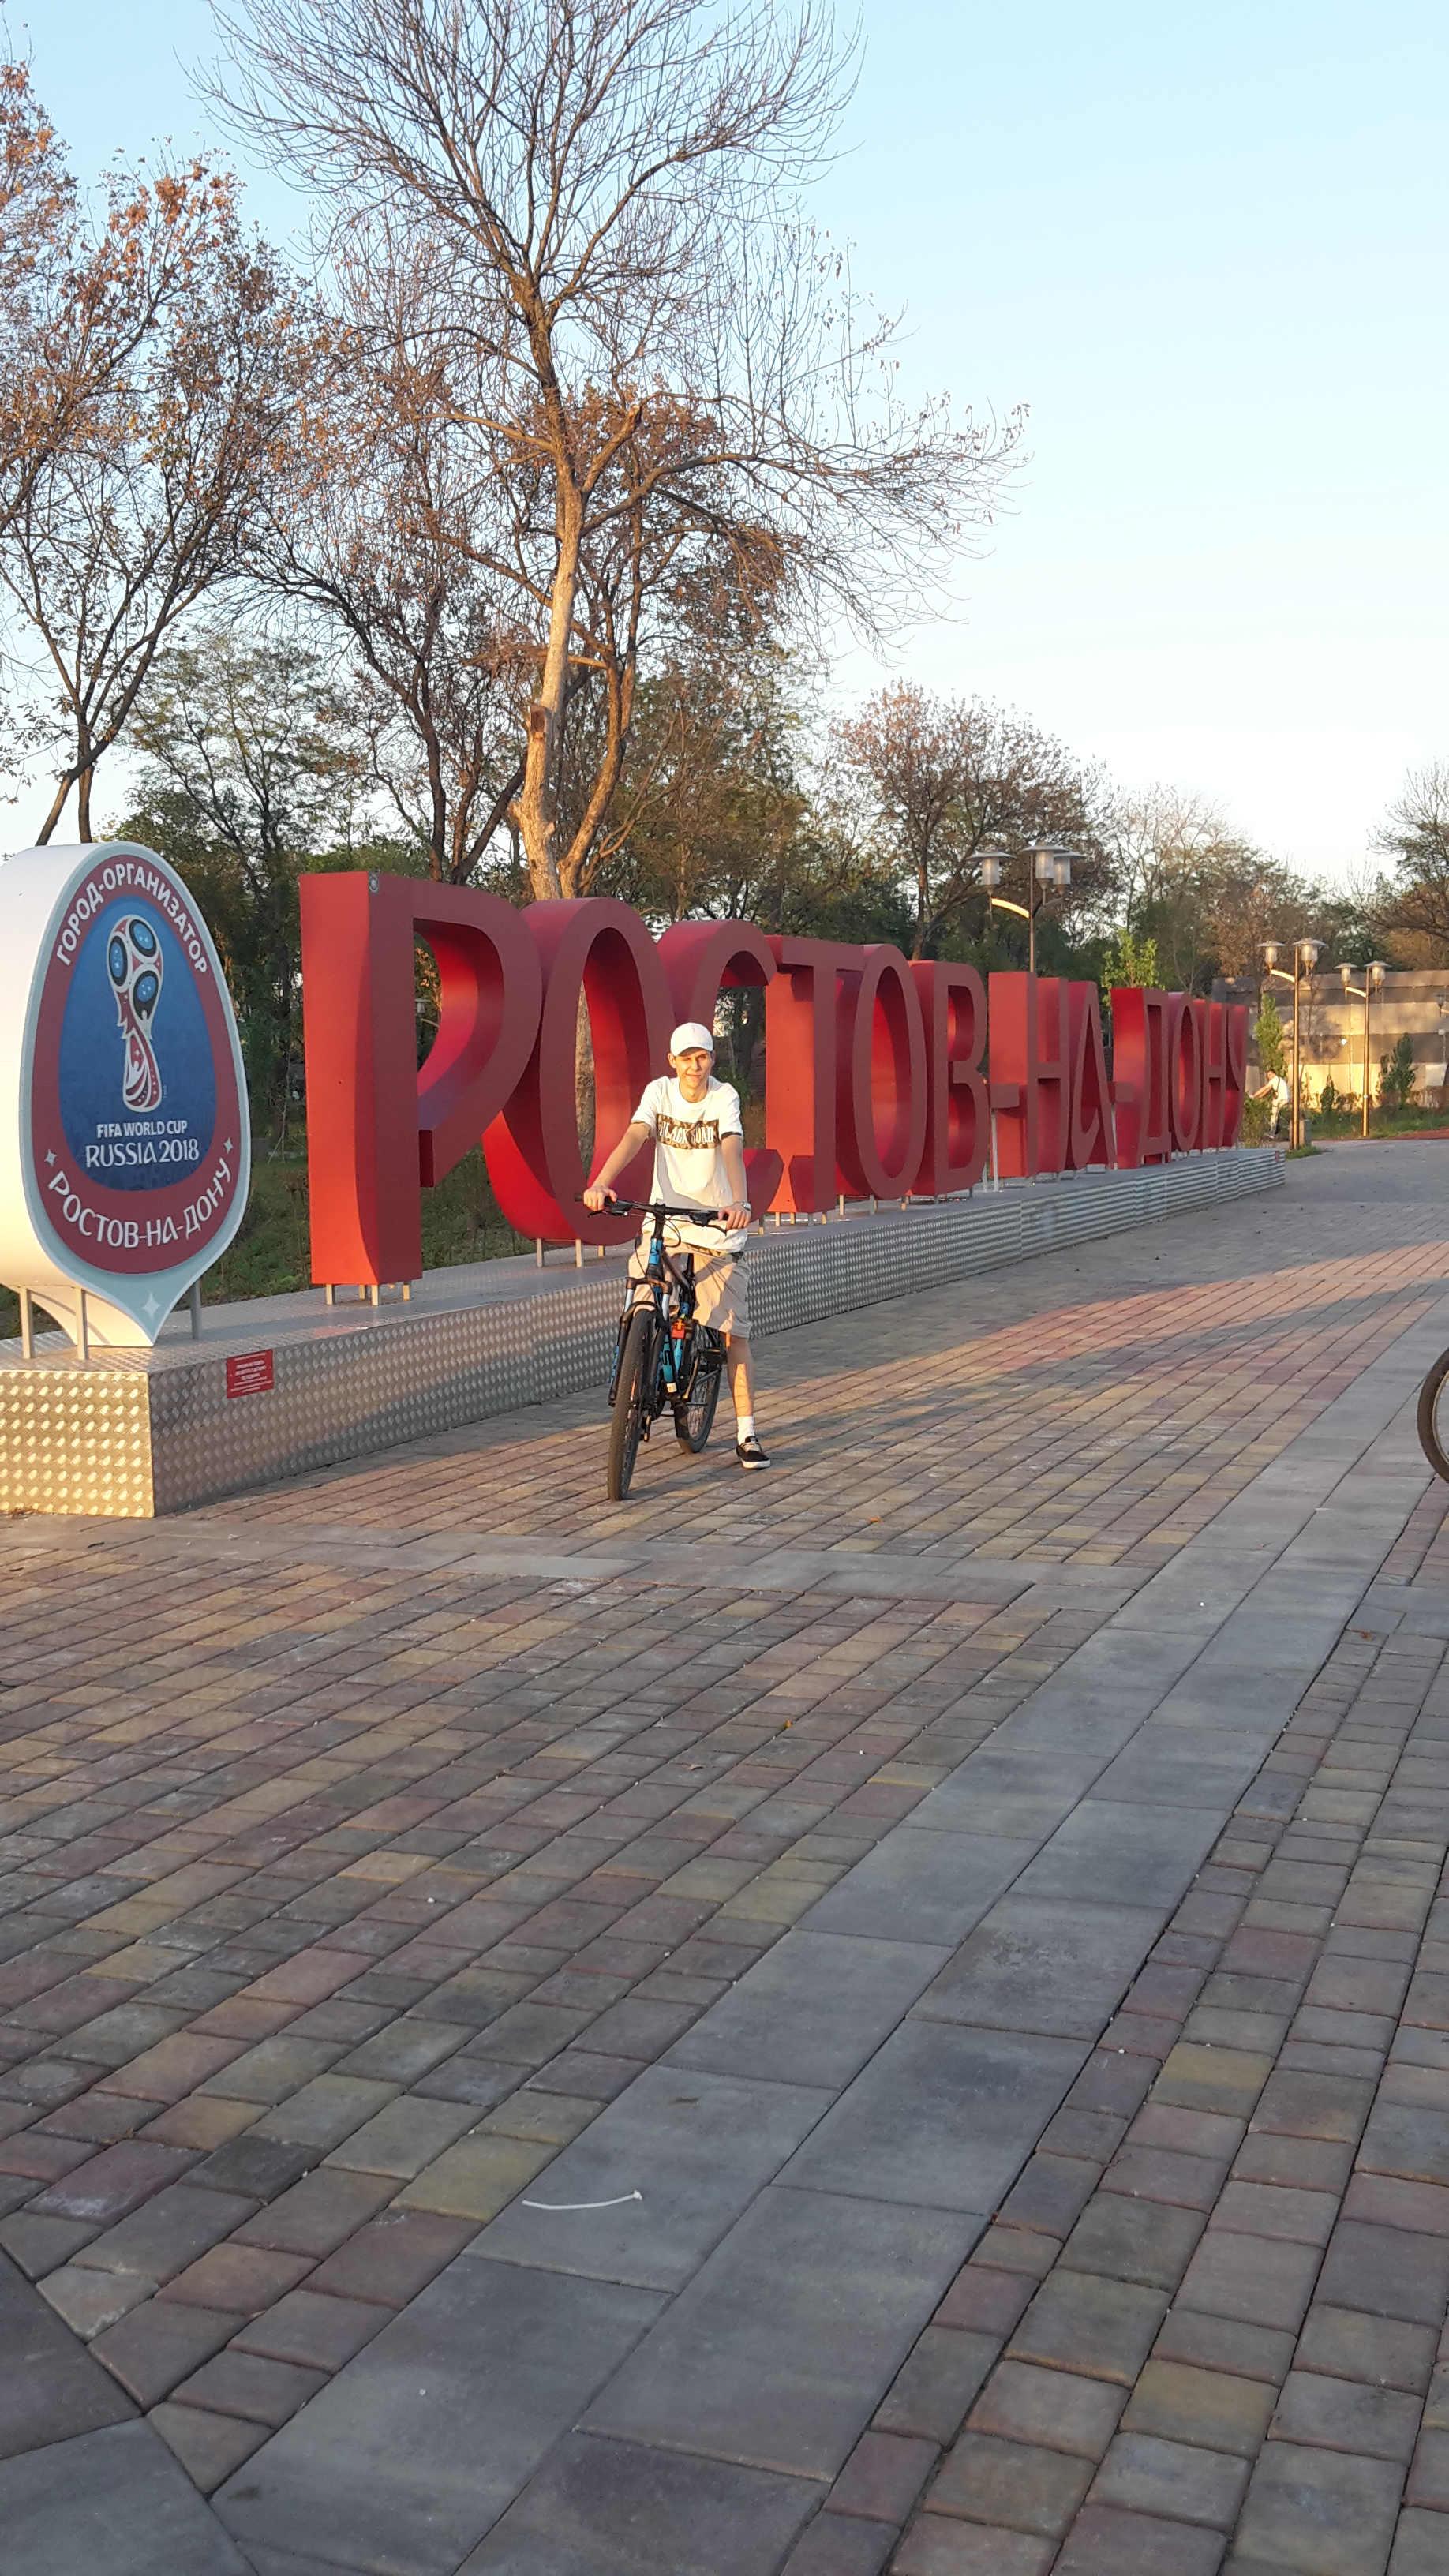 я на велике напротив Ростов-Арены